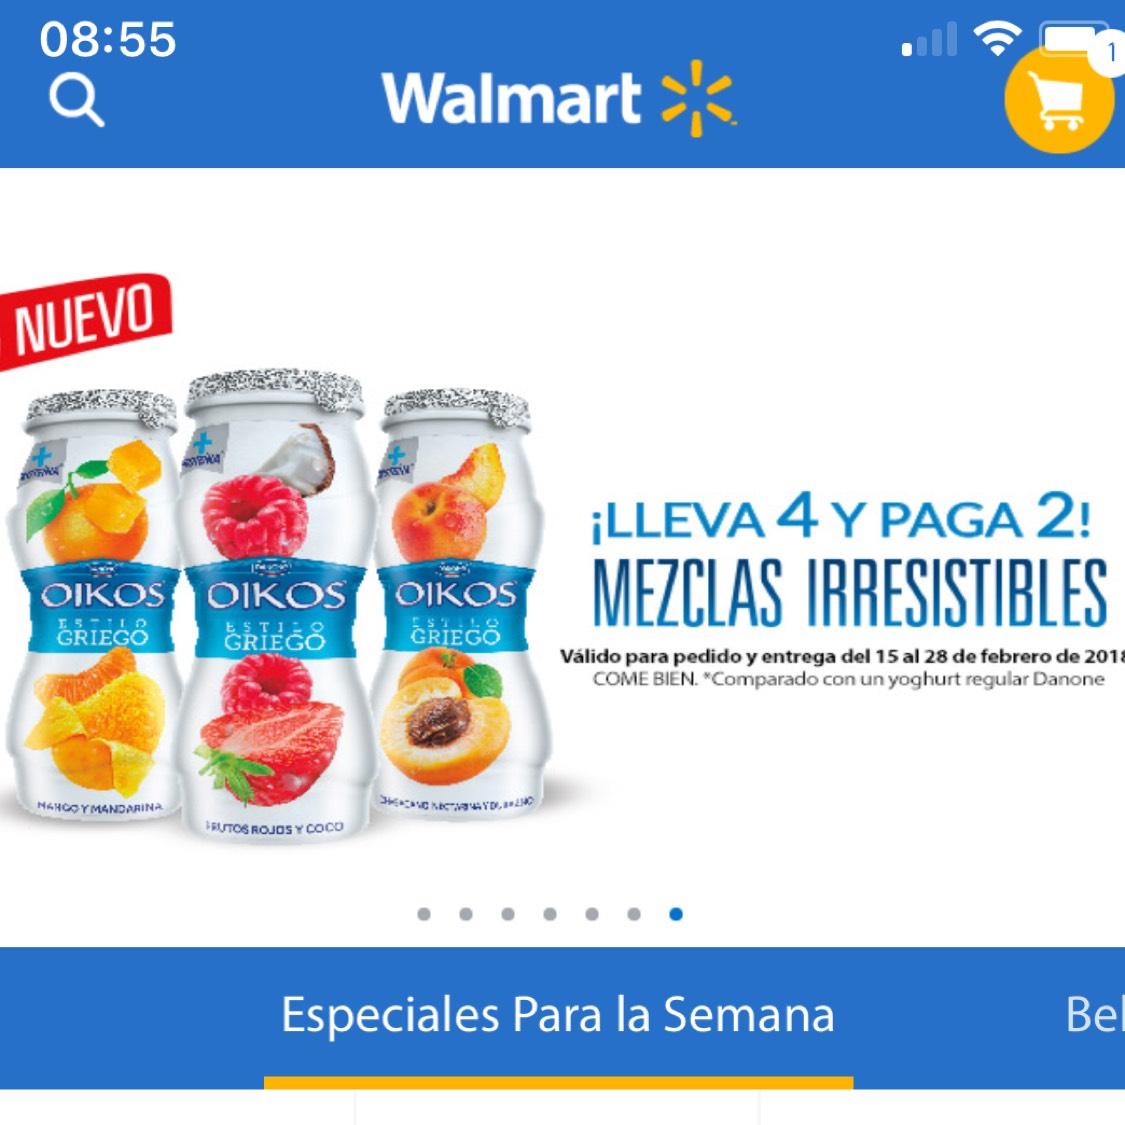 """Walmart Súper: Lleva 4 oikos y paga 2 """"válido del 15 al 28 de febrero""""!!!"""